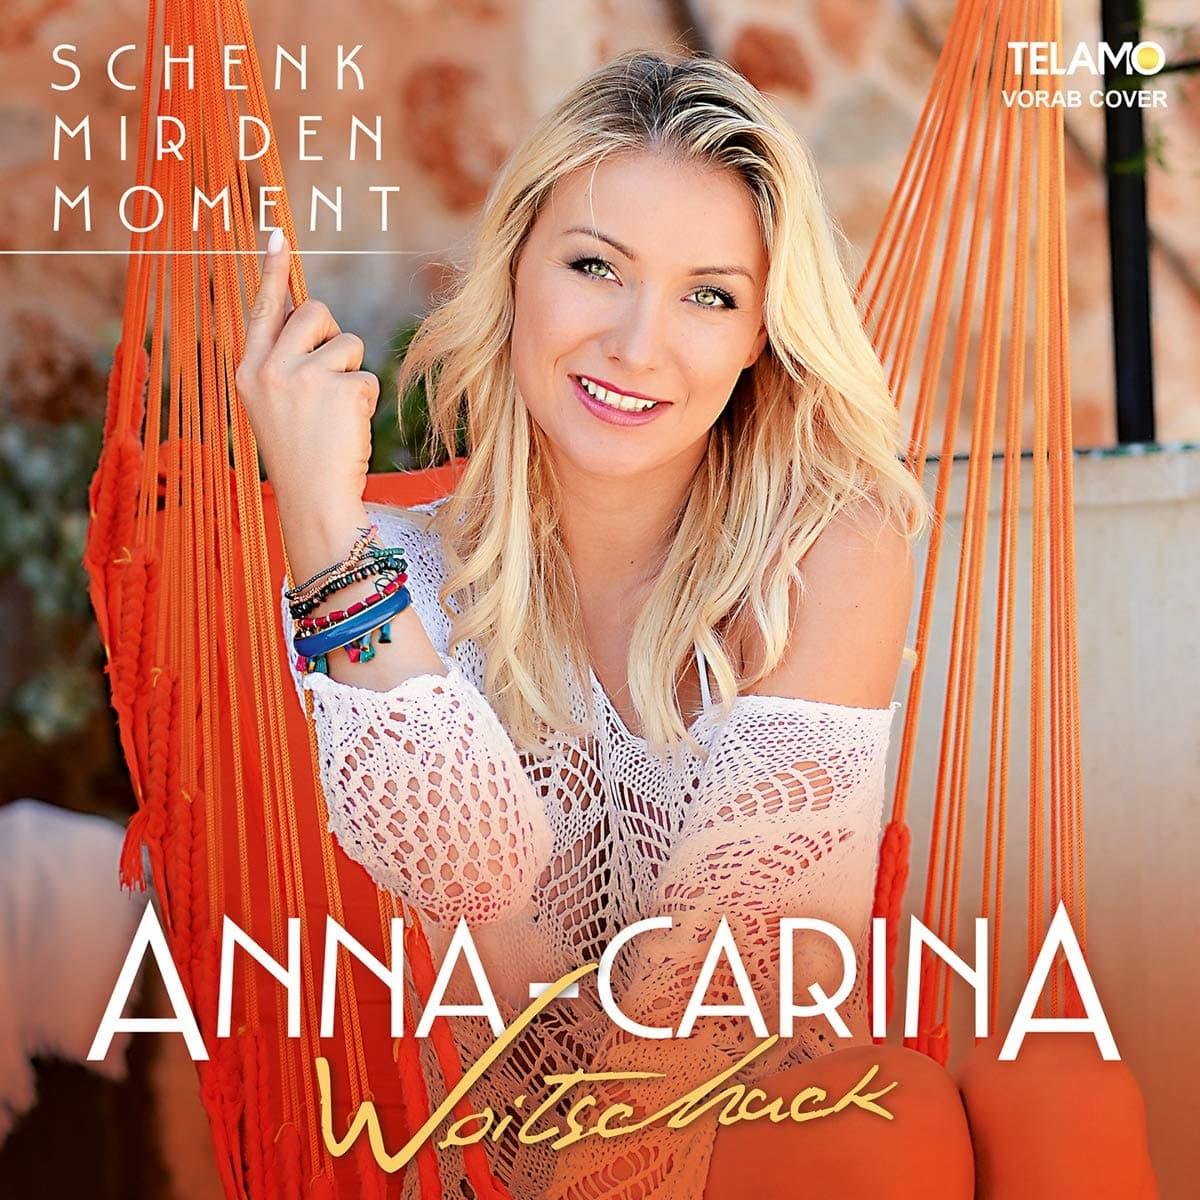 Anna-Carina Woitschack - CD Schenk mit den Moment 2019